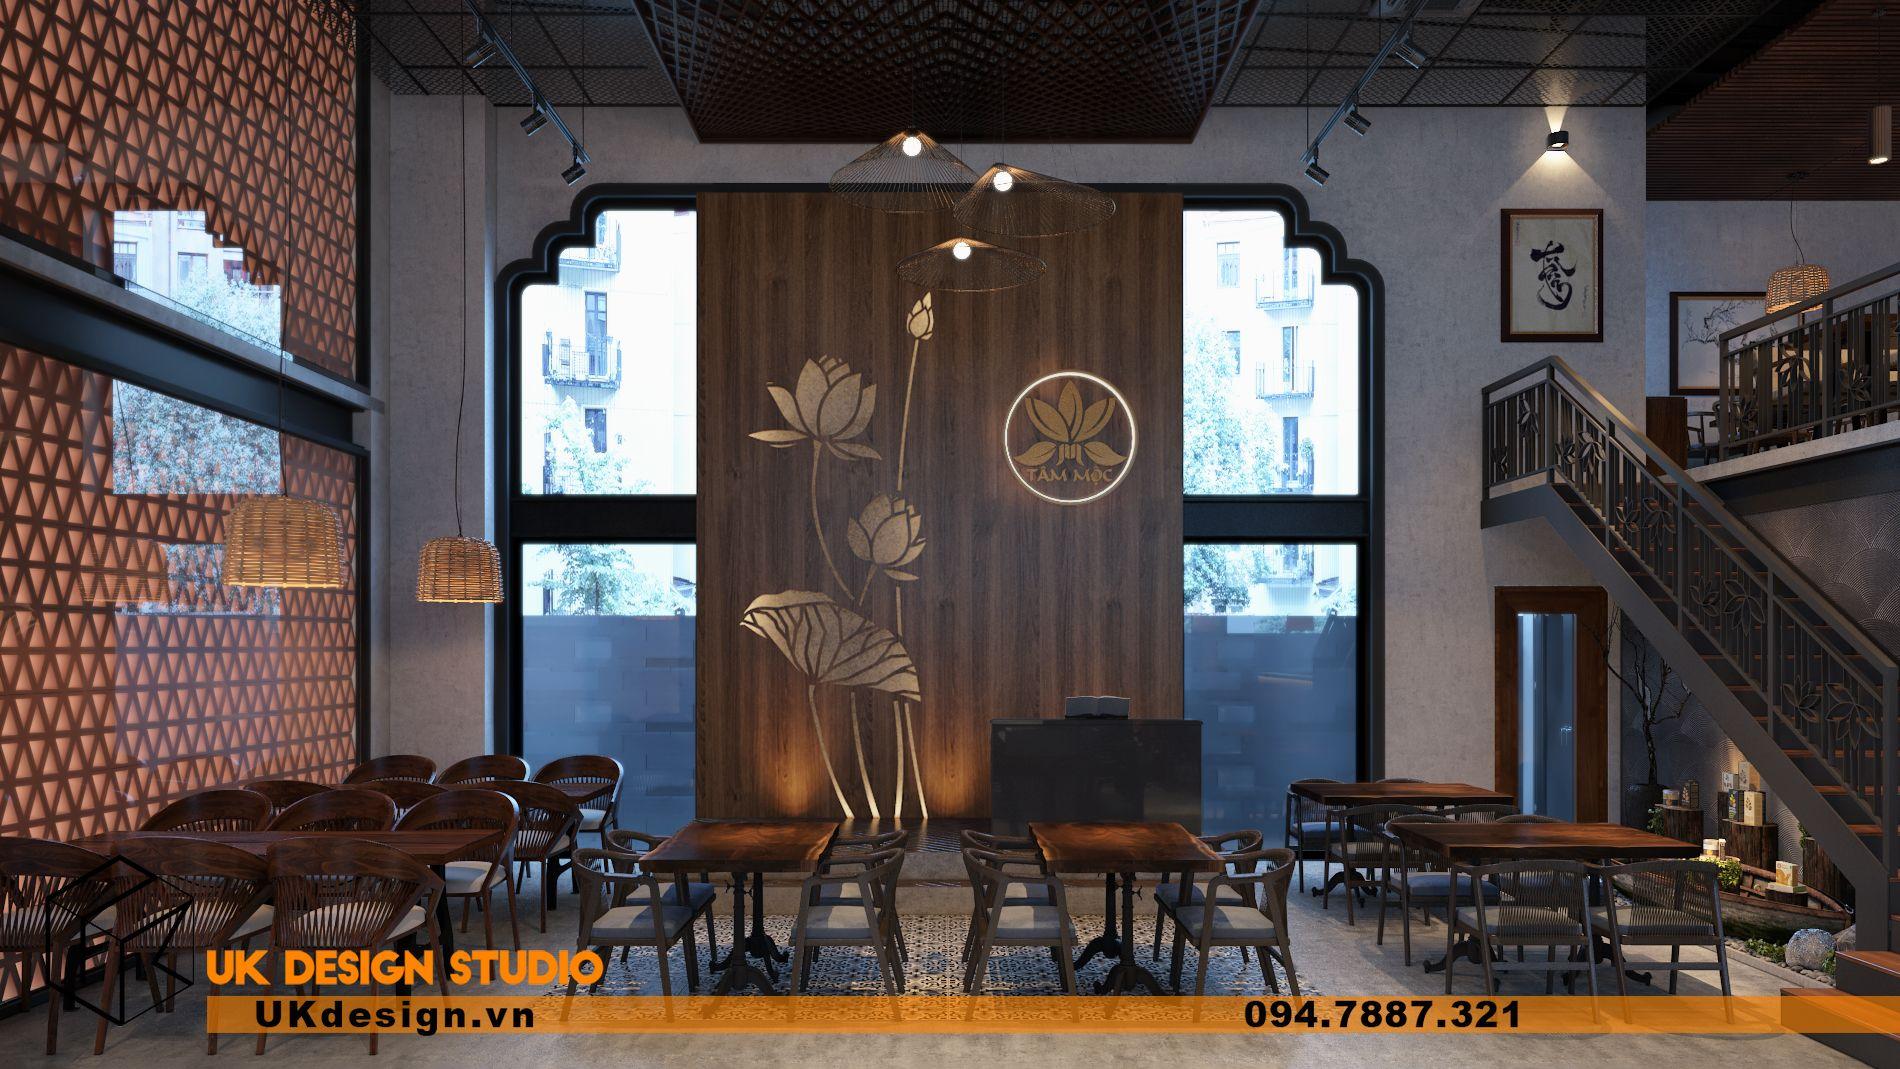 Thiết kế nhà hàng chay TÂM MỘC 12